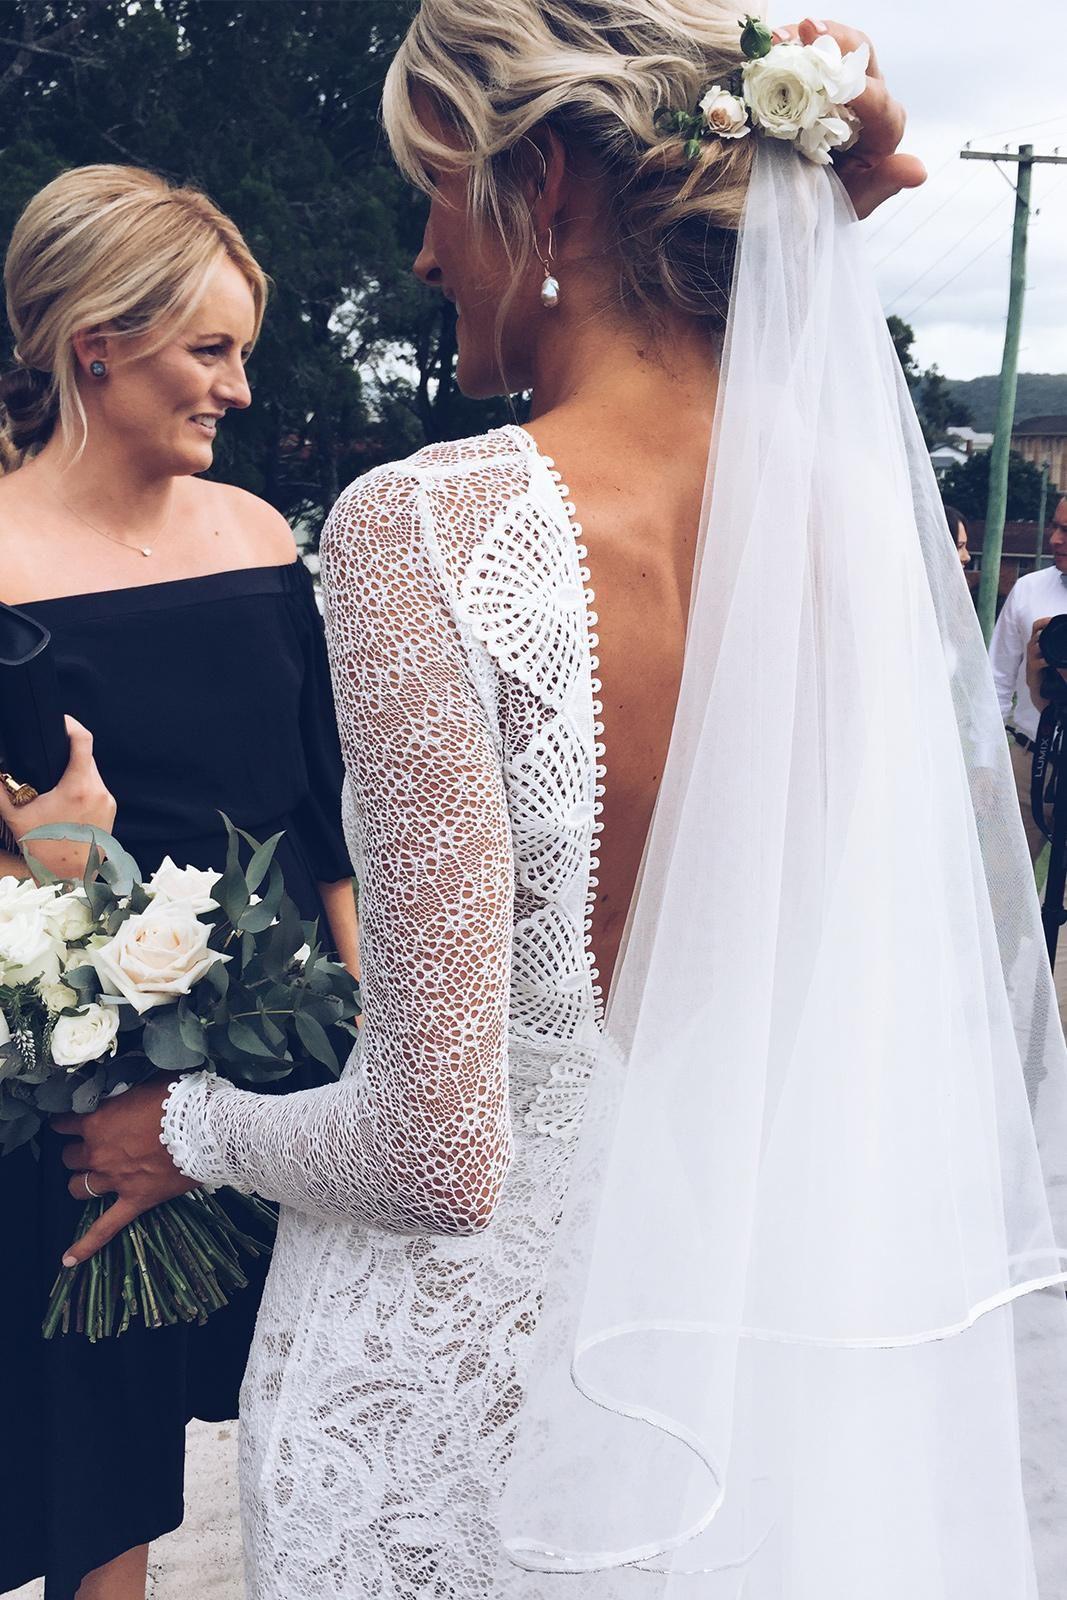 Mai | Wedding | Pinterest | Veil, Gowns and Wedding dress